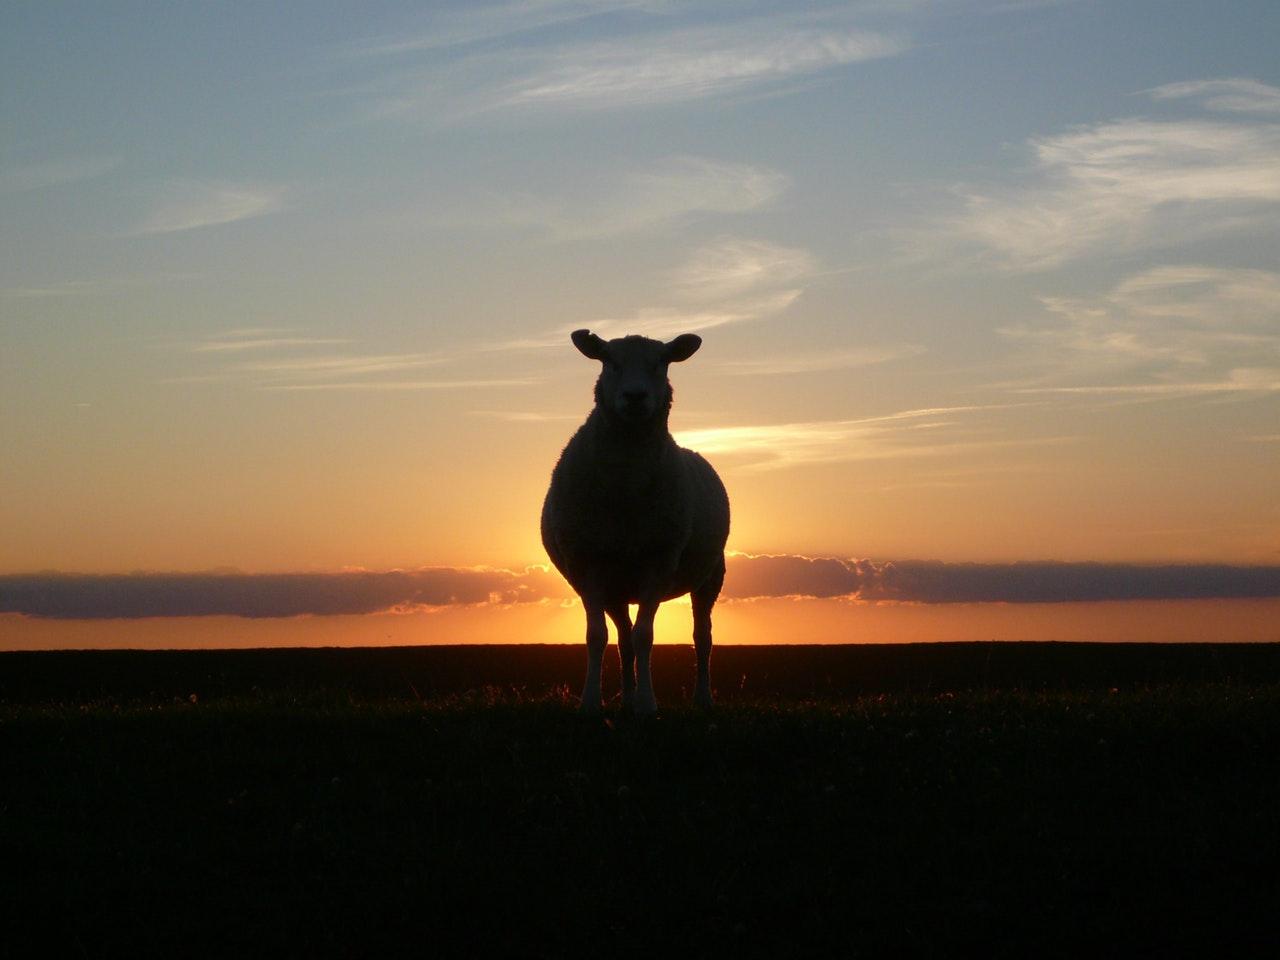 Est-ce qu'il vous faut vraiment un mouton à cinq pattes ? Ou simplement le candidat qui vous correspond ?